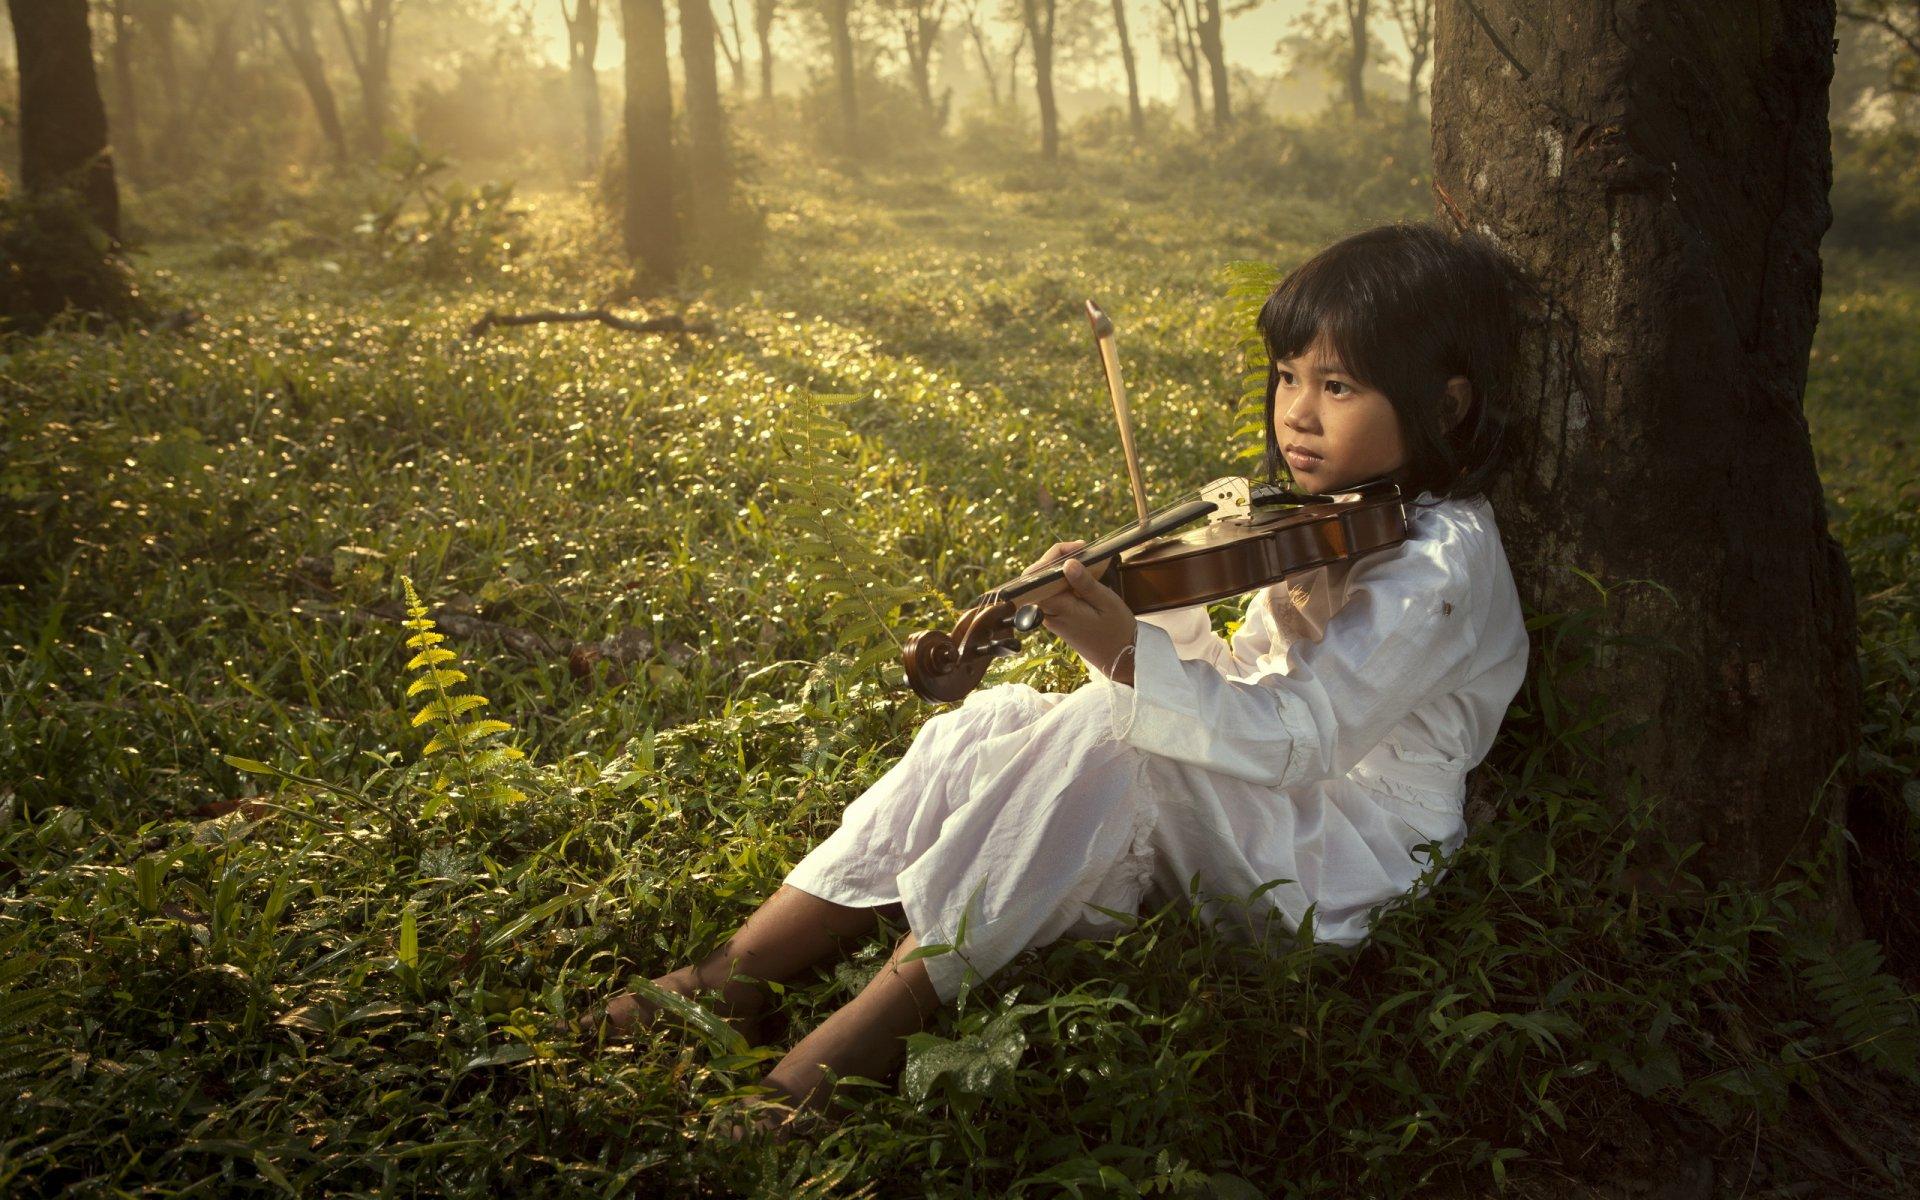 Картинка музыка леса